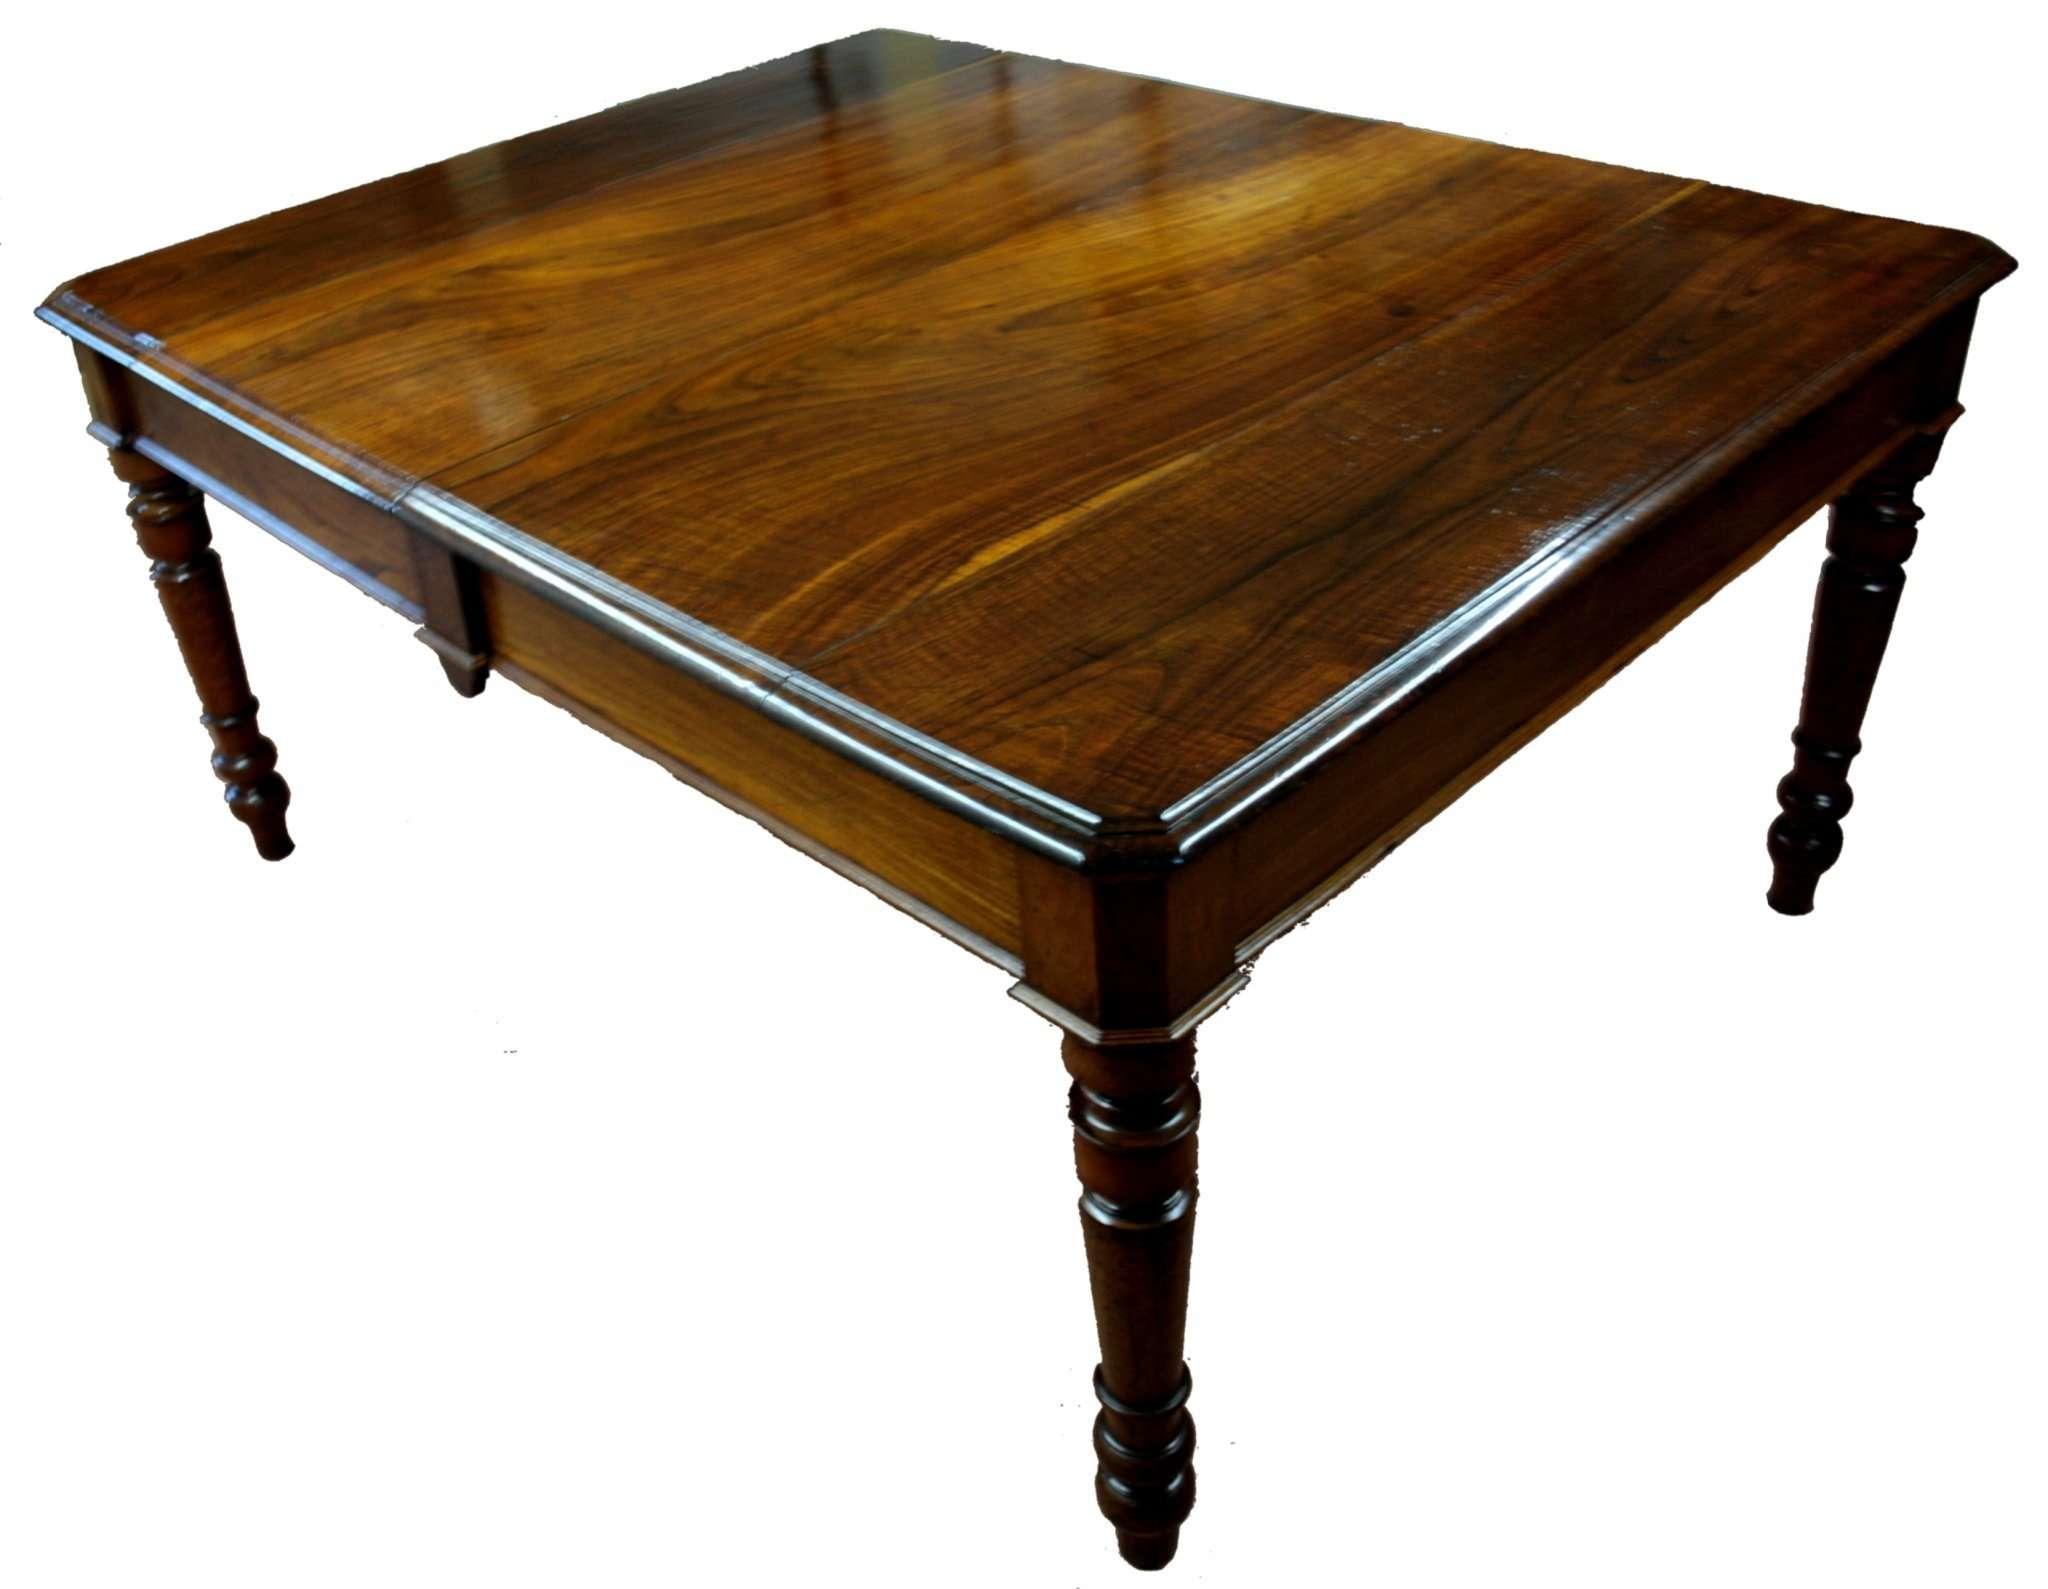 Mètres Cerisier Table À 3 Et Bois Restaurée De Châtaignier Extensibles En 1800 Manger zUMVpqS